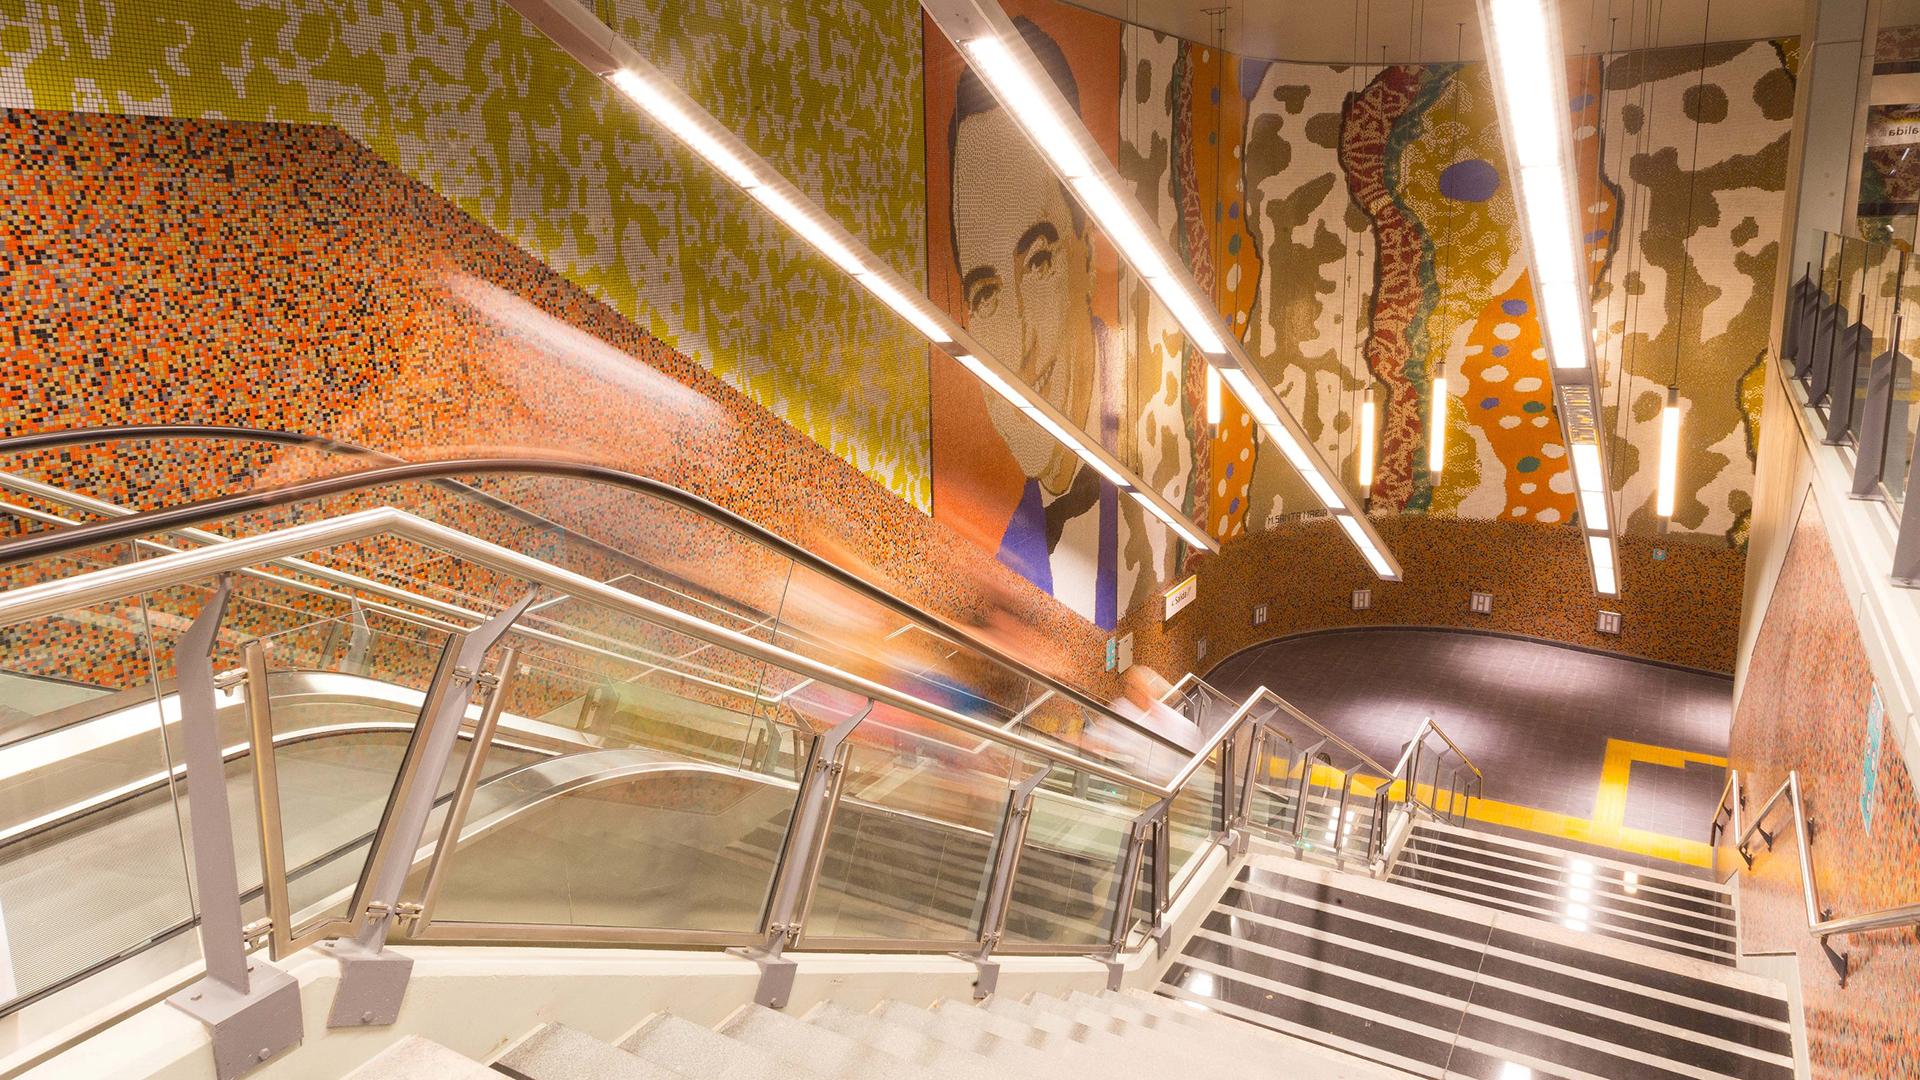 La nueva estación Facultad de Derecho / Julieta Lanteri de la línea H